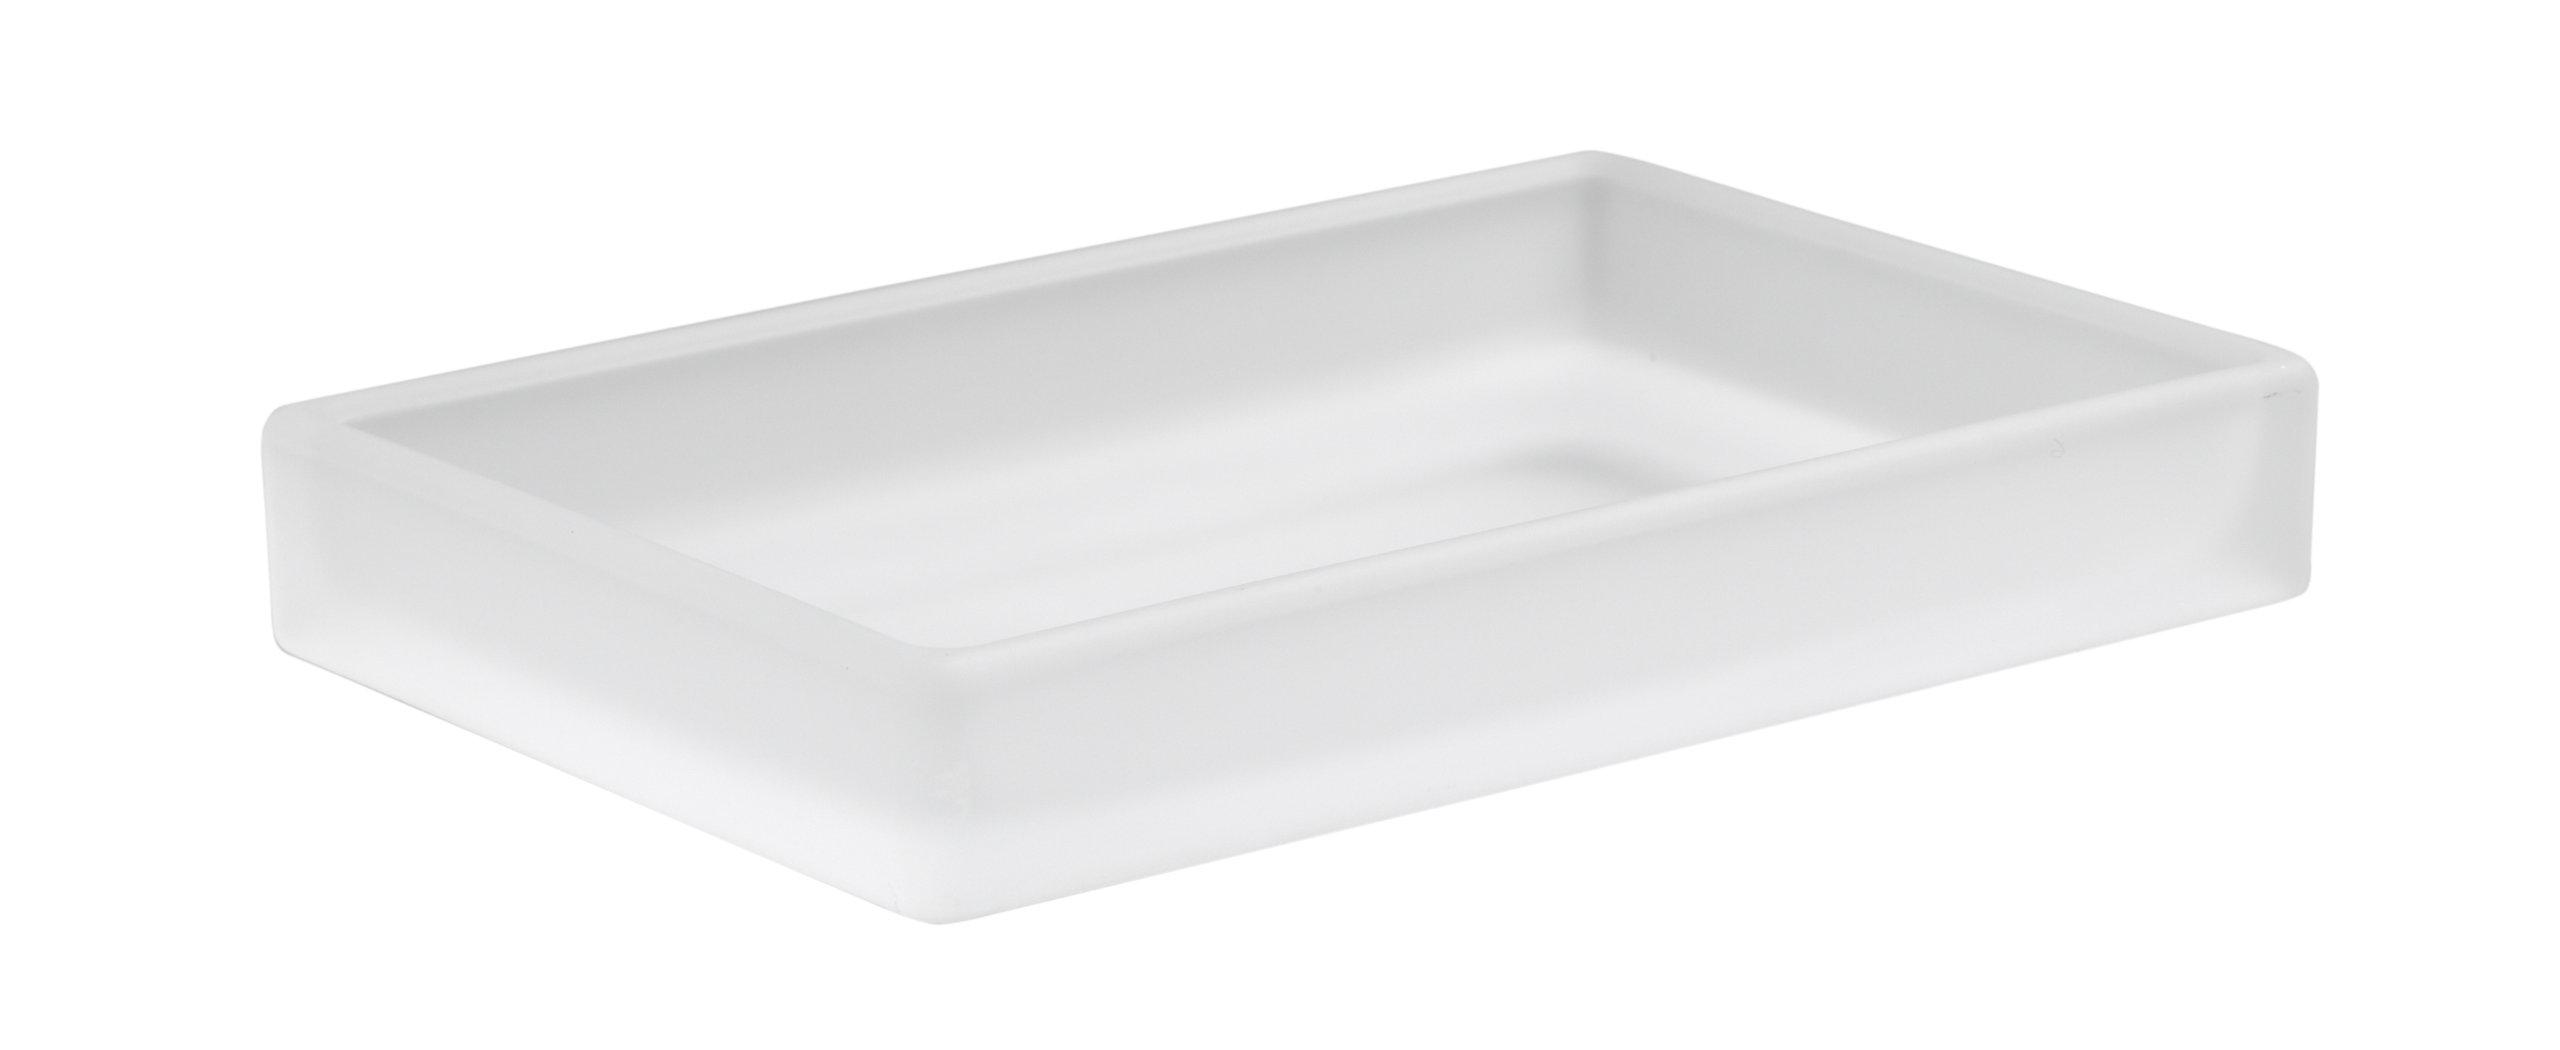 Kohler K-11595-FRG Loure Soap Dish, Frosted Glass